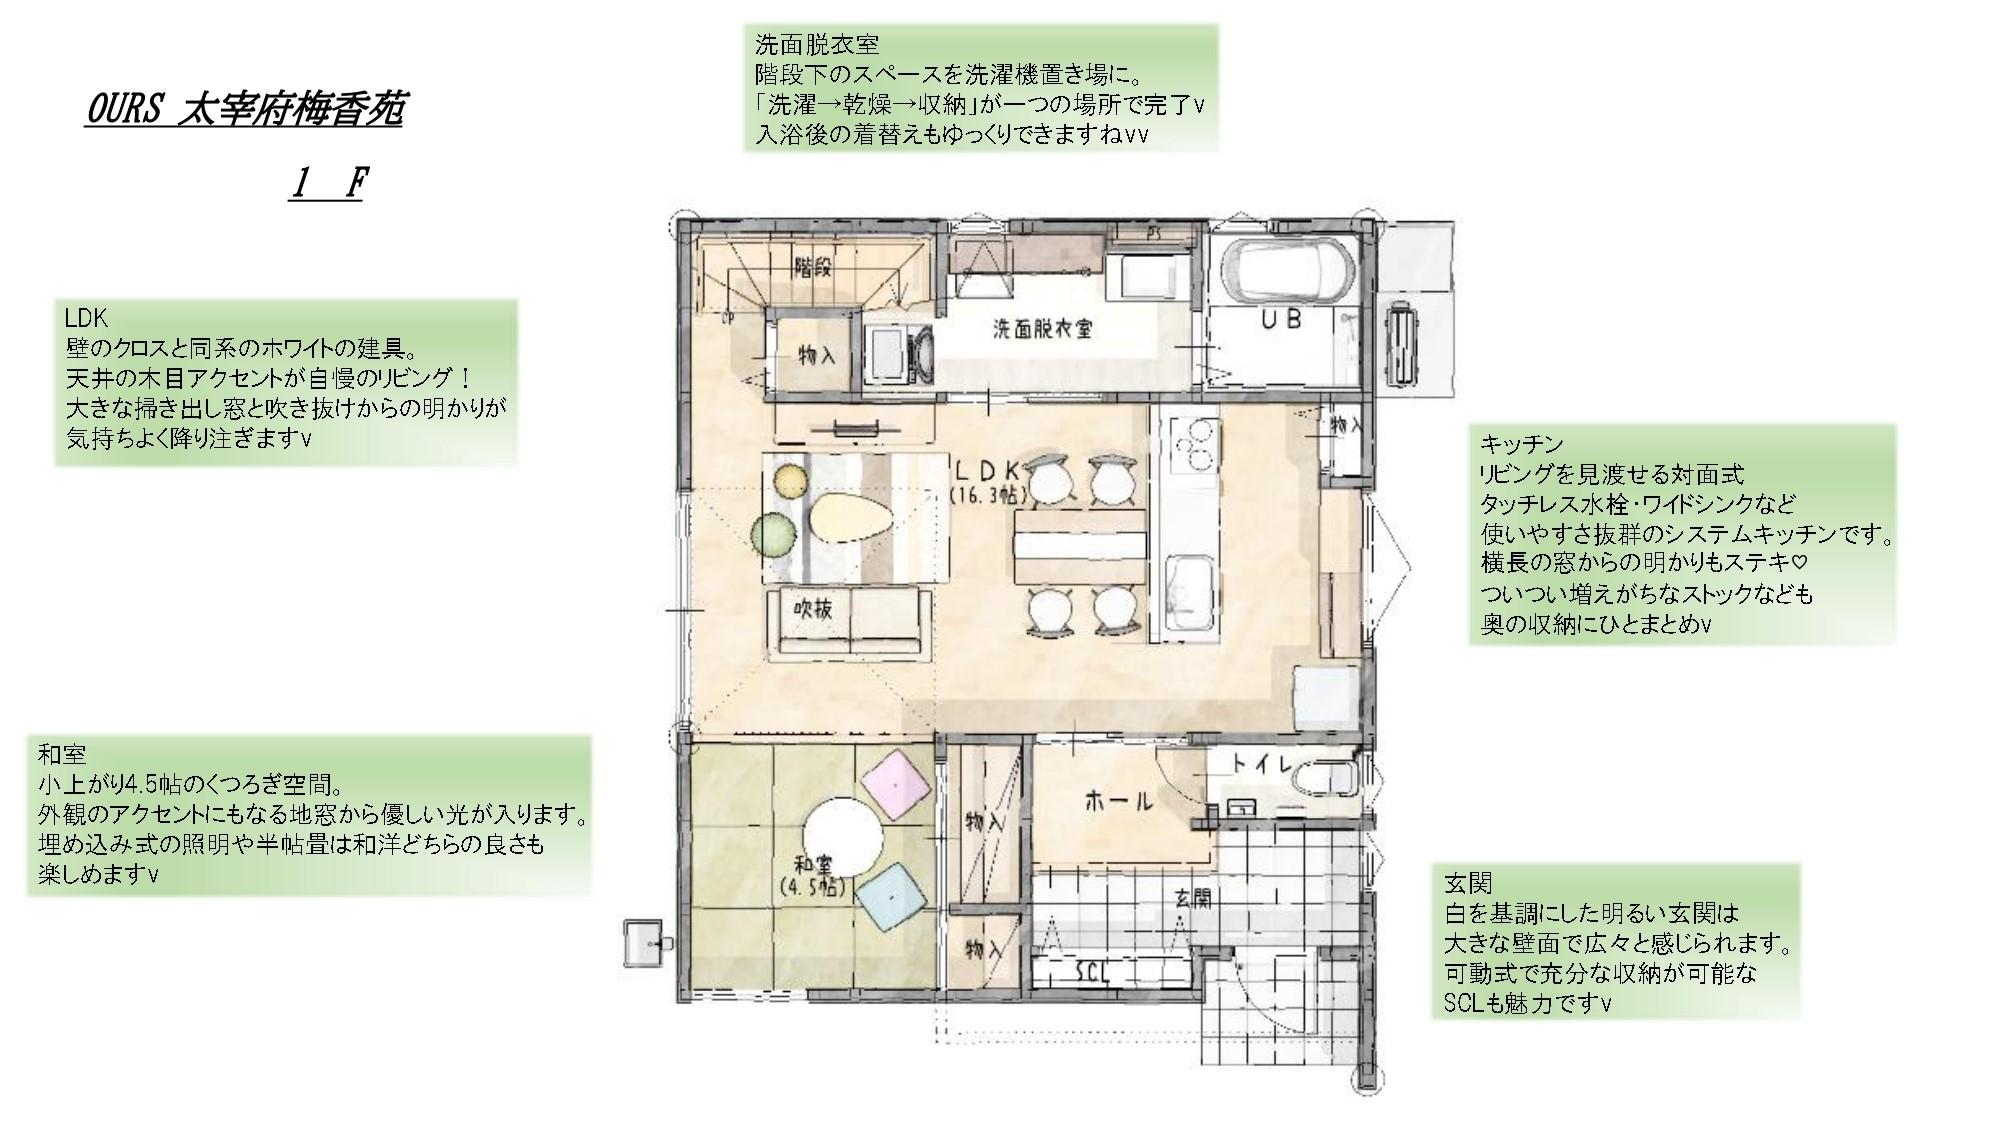 太宰府市 新築建売住宅「OURS太宰府梅香苑」